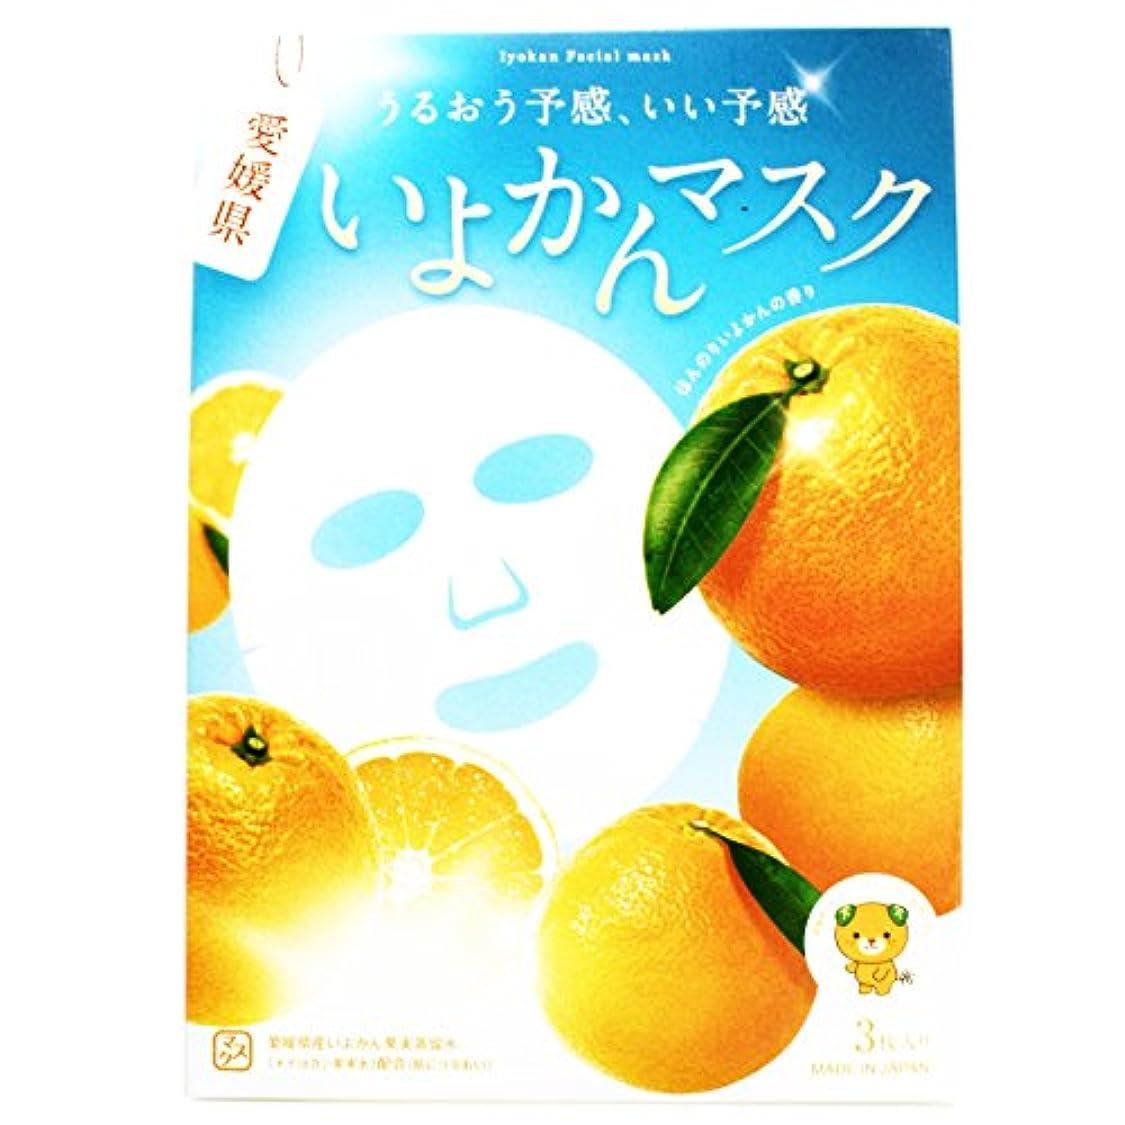 形サービスイブ愛媛県 いよかんマスク 3枚入り